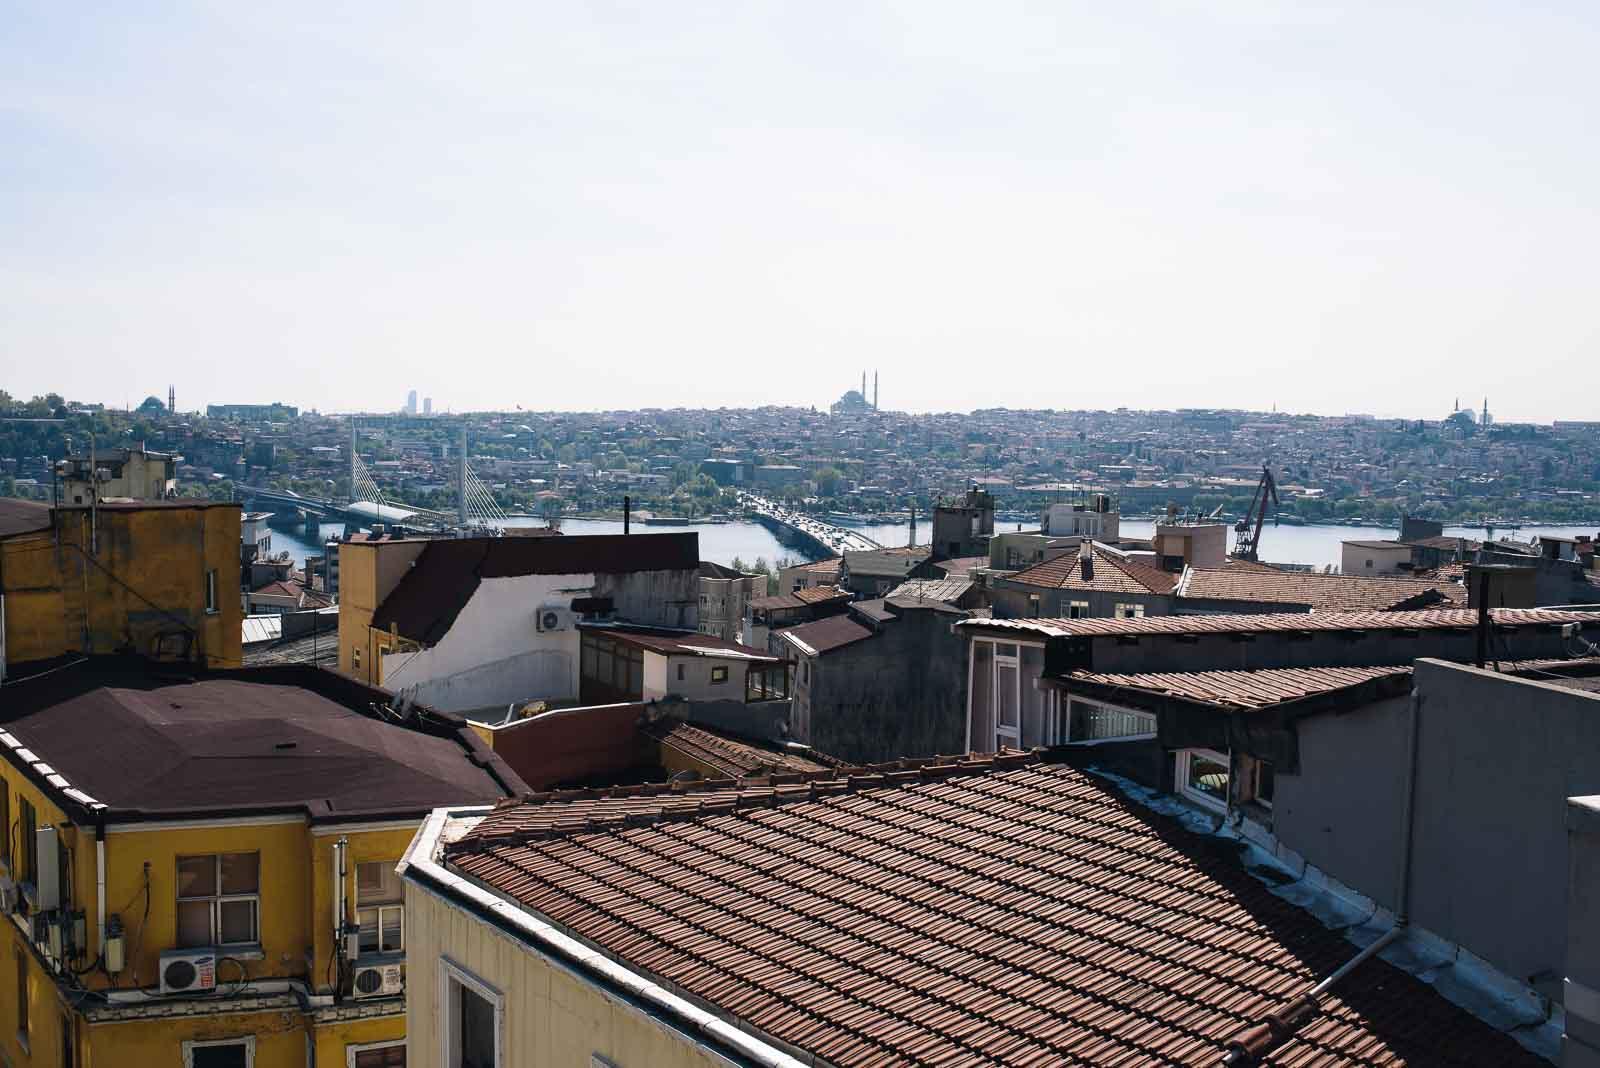 Dachterrasse in Istanbul Galata